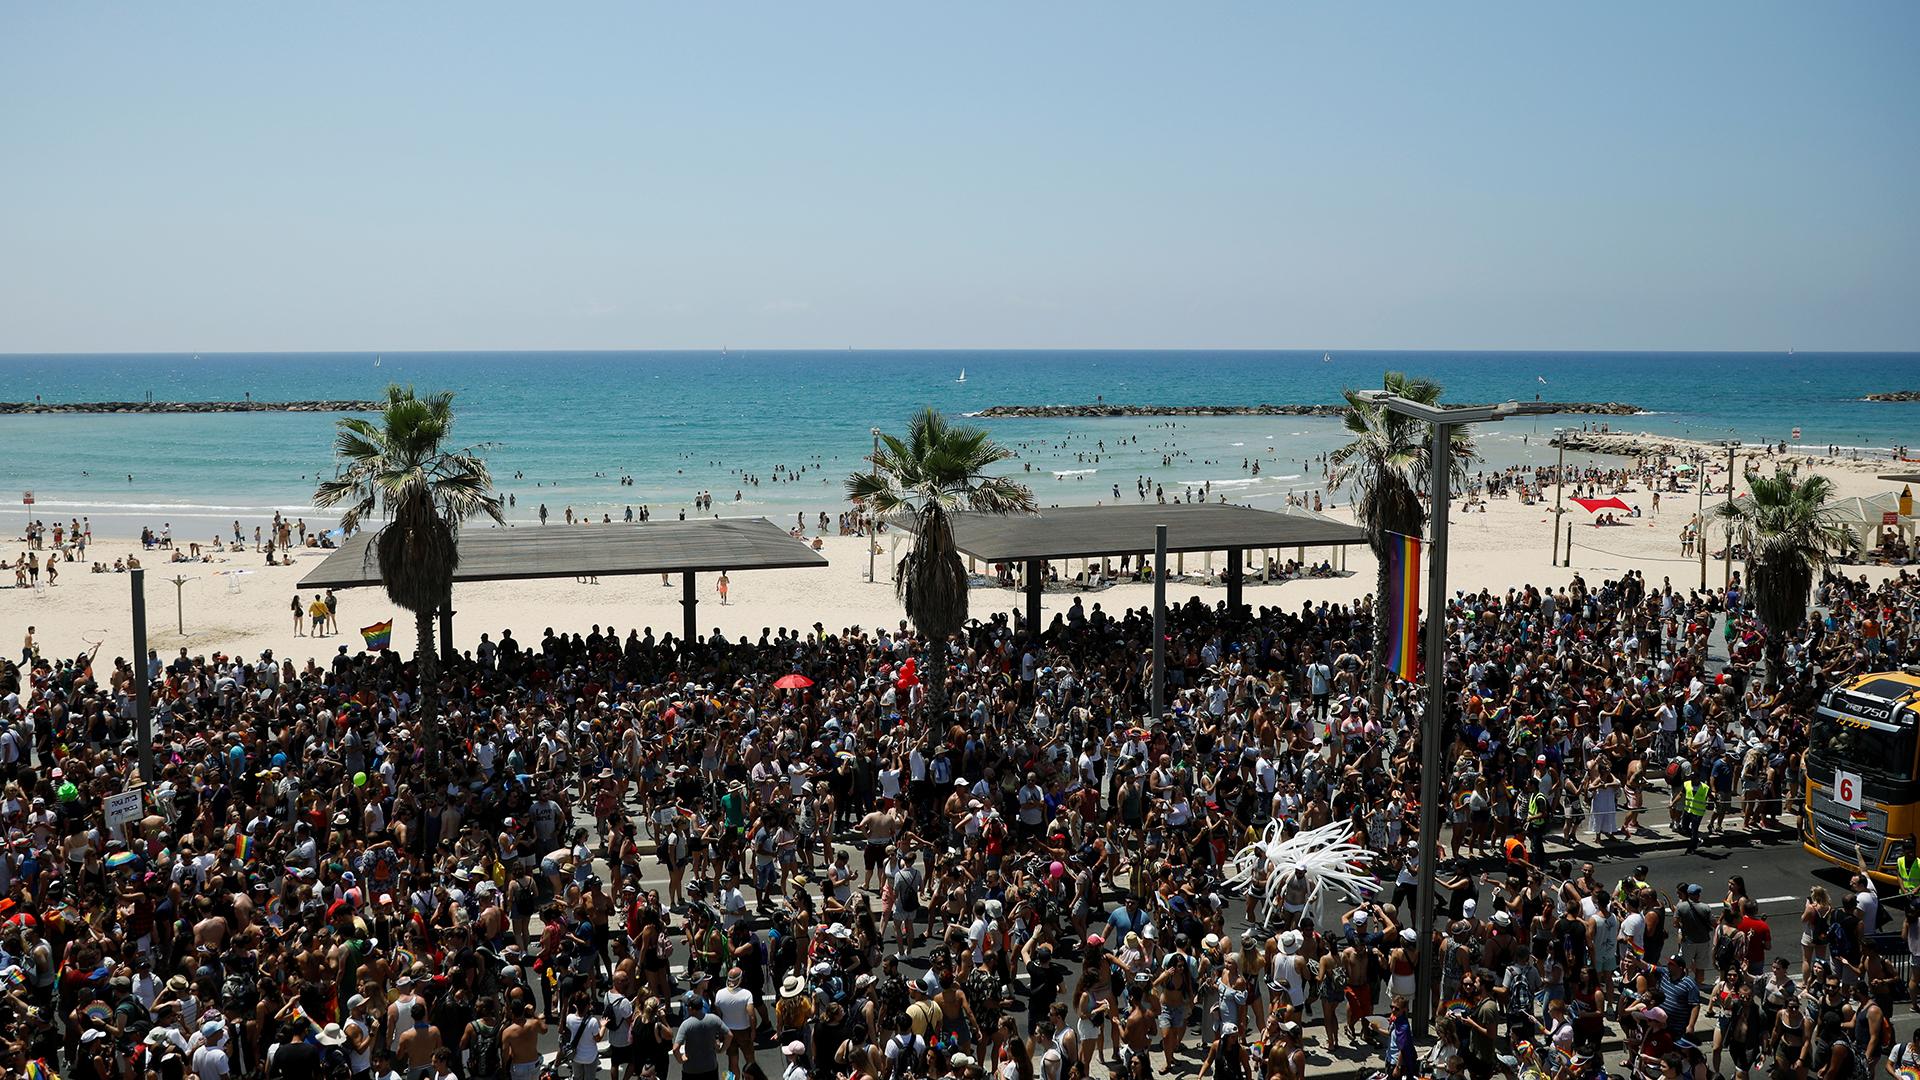 Los congregados marcharon por las calles más céntricas de la moderna Tel Aviv, bañada por el mar Mediterráneo y marcada por la altura de sus altos edificios a orillas del mar.